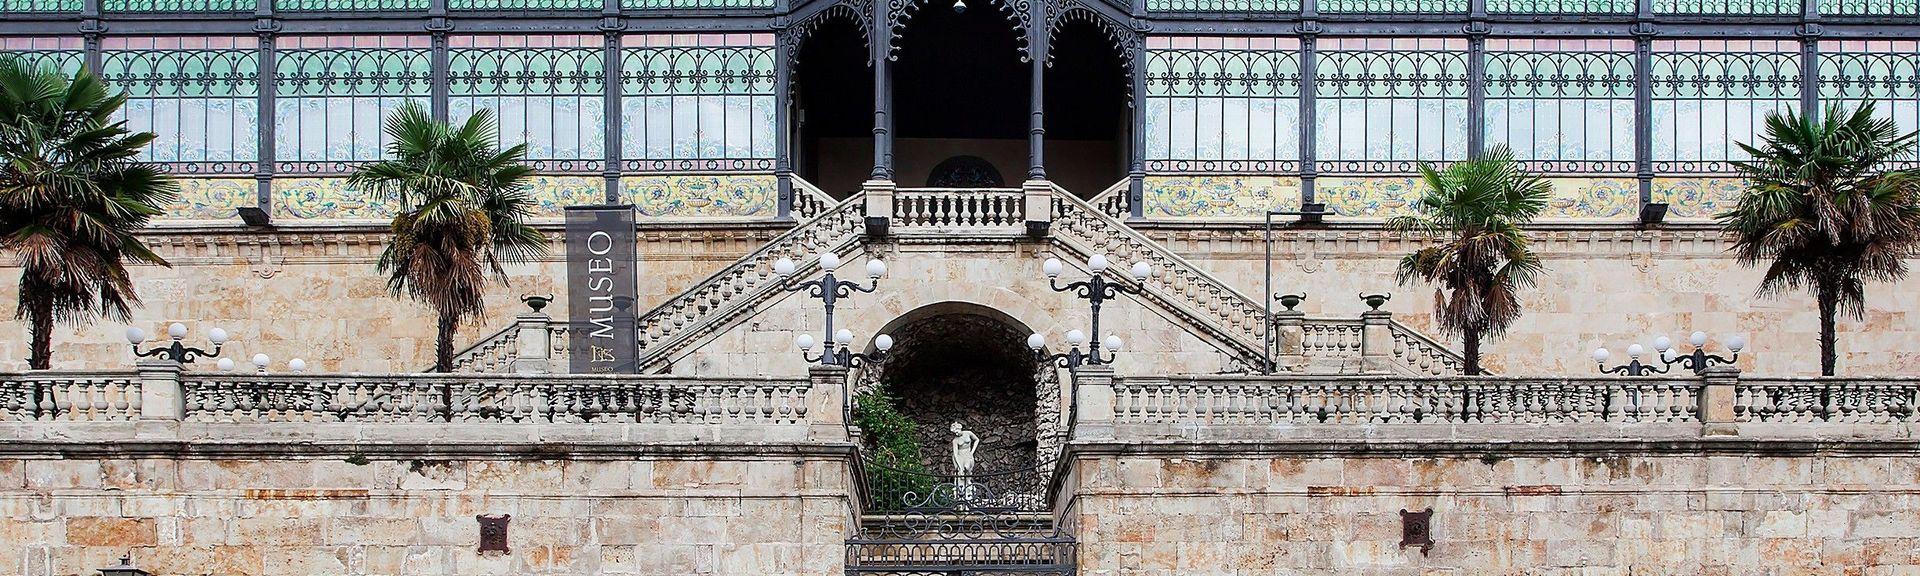 Σαλαμάνκα, Καστίλλη και Λεόν, Ισπανία